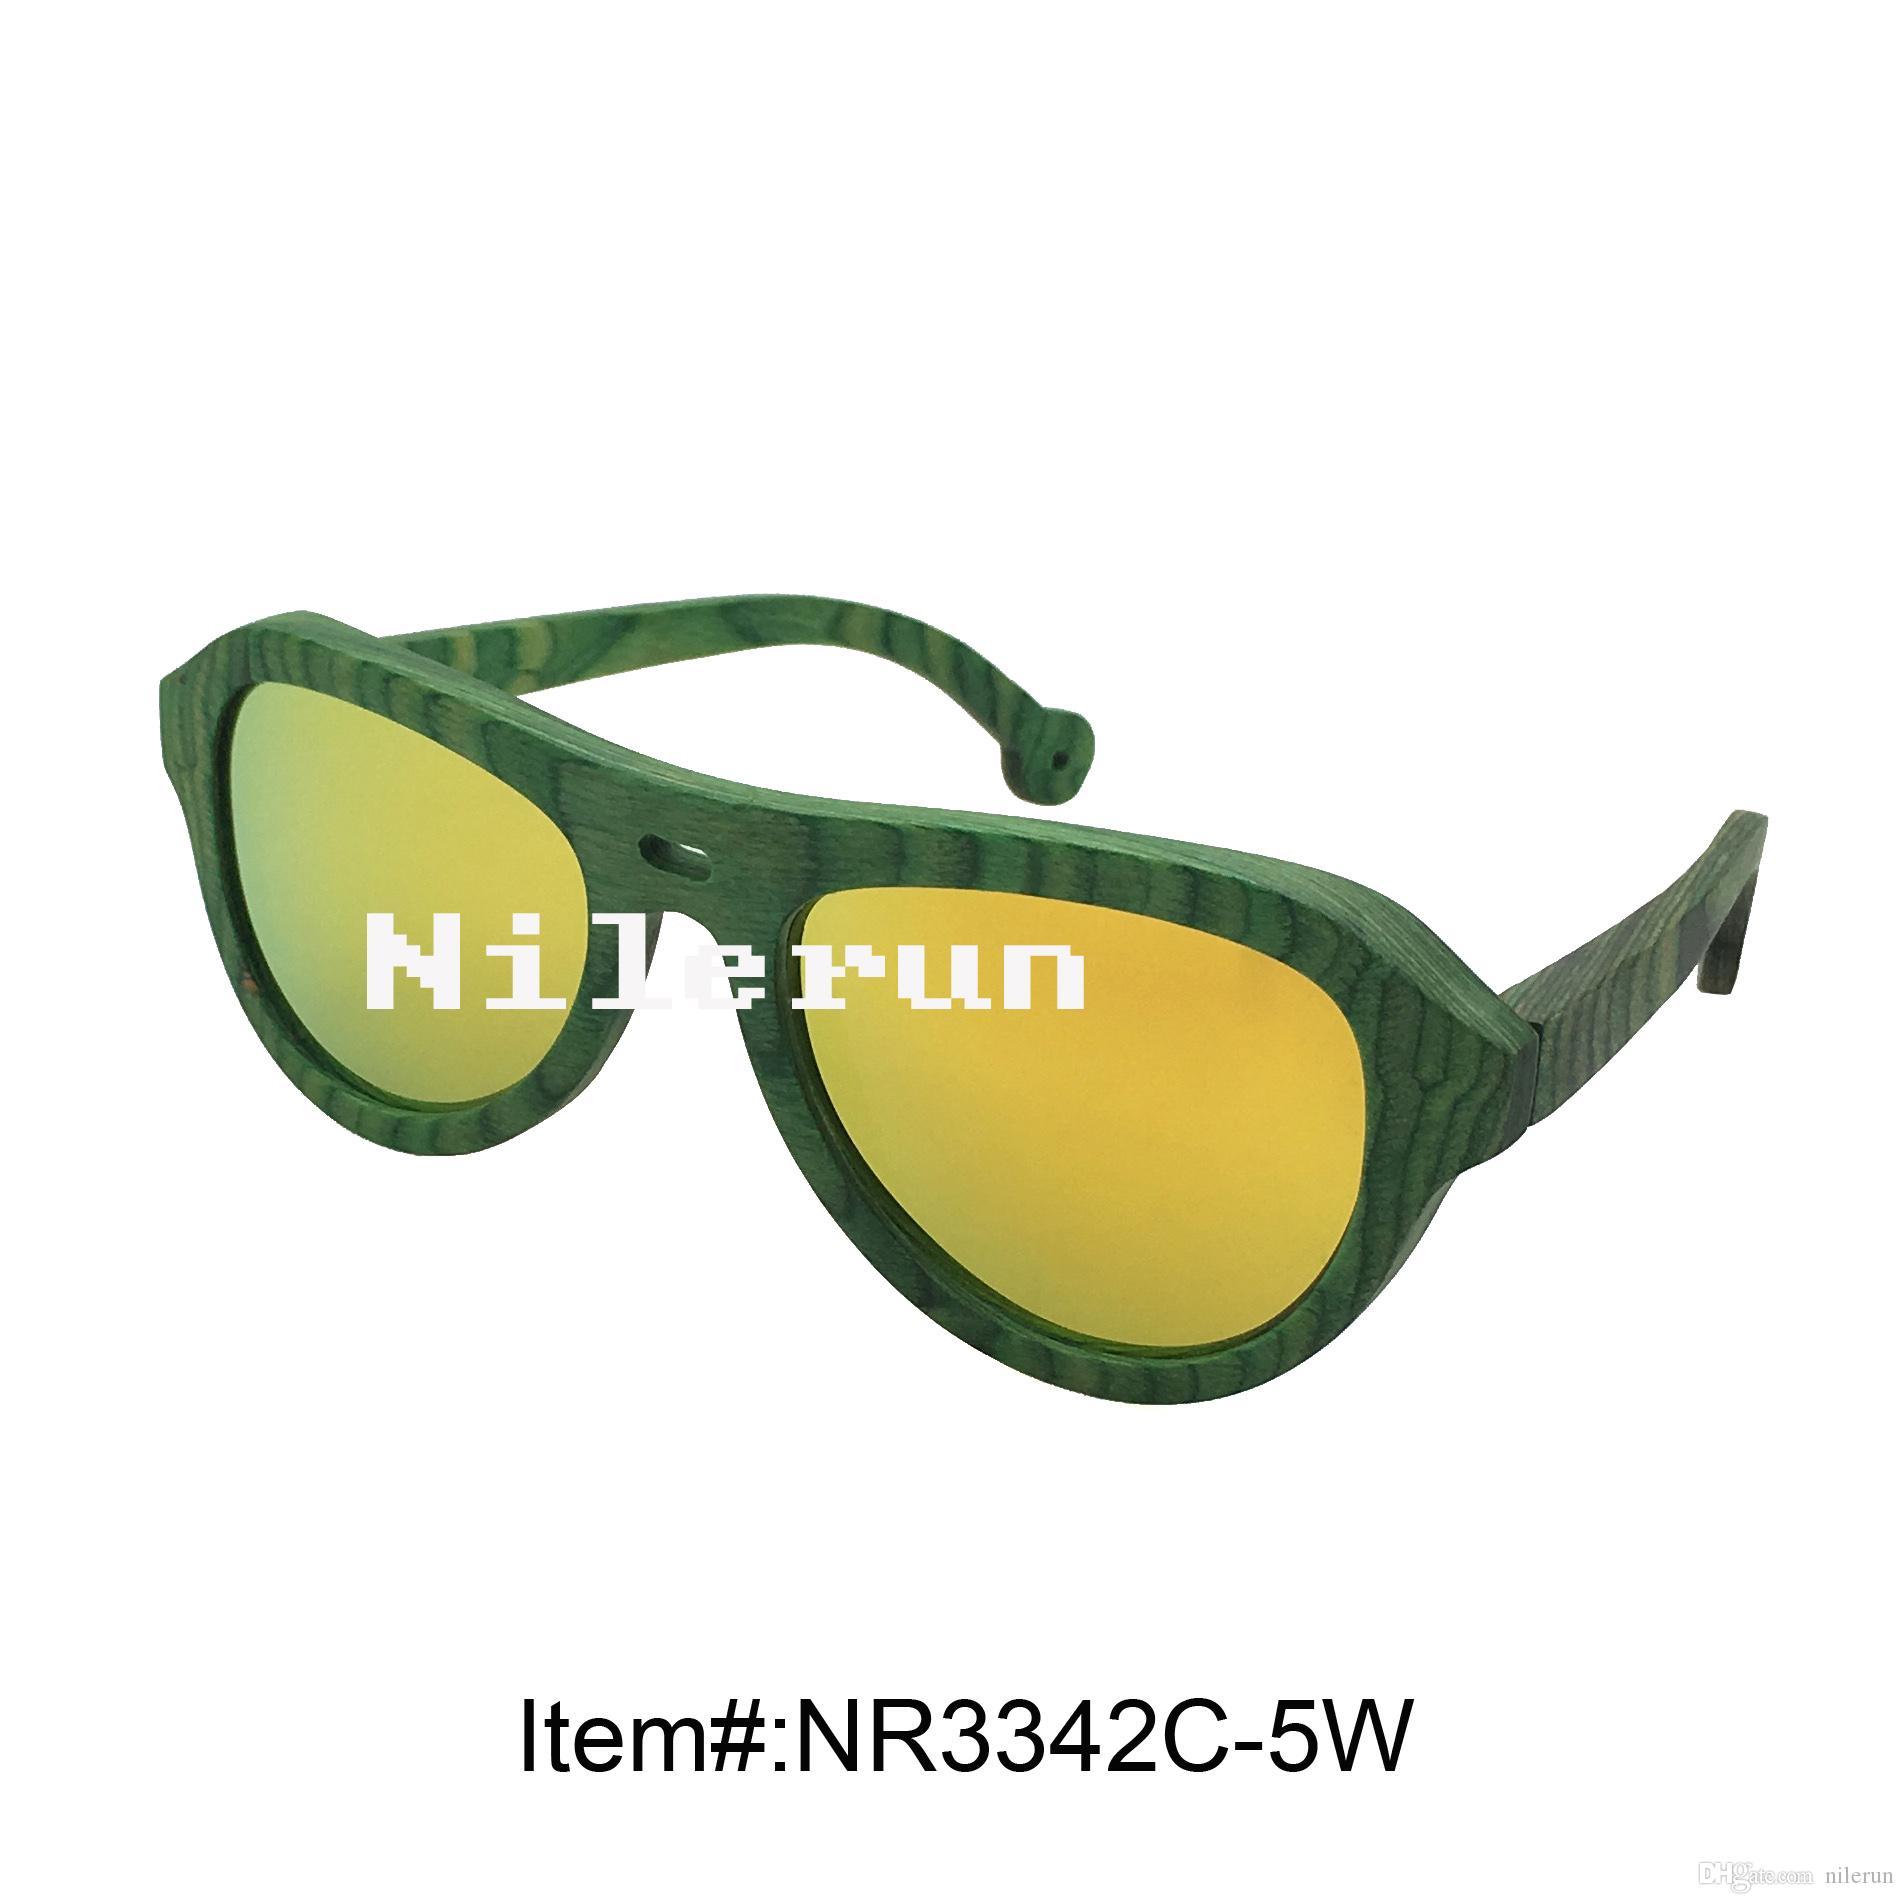 Lenti polarizzate gialle di lusso di alta qualità di lusso verdi occhiali da sole di legno ingegnerizzati verdi